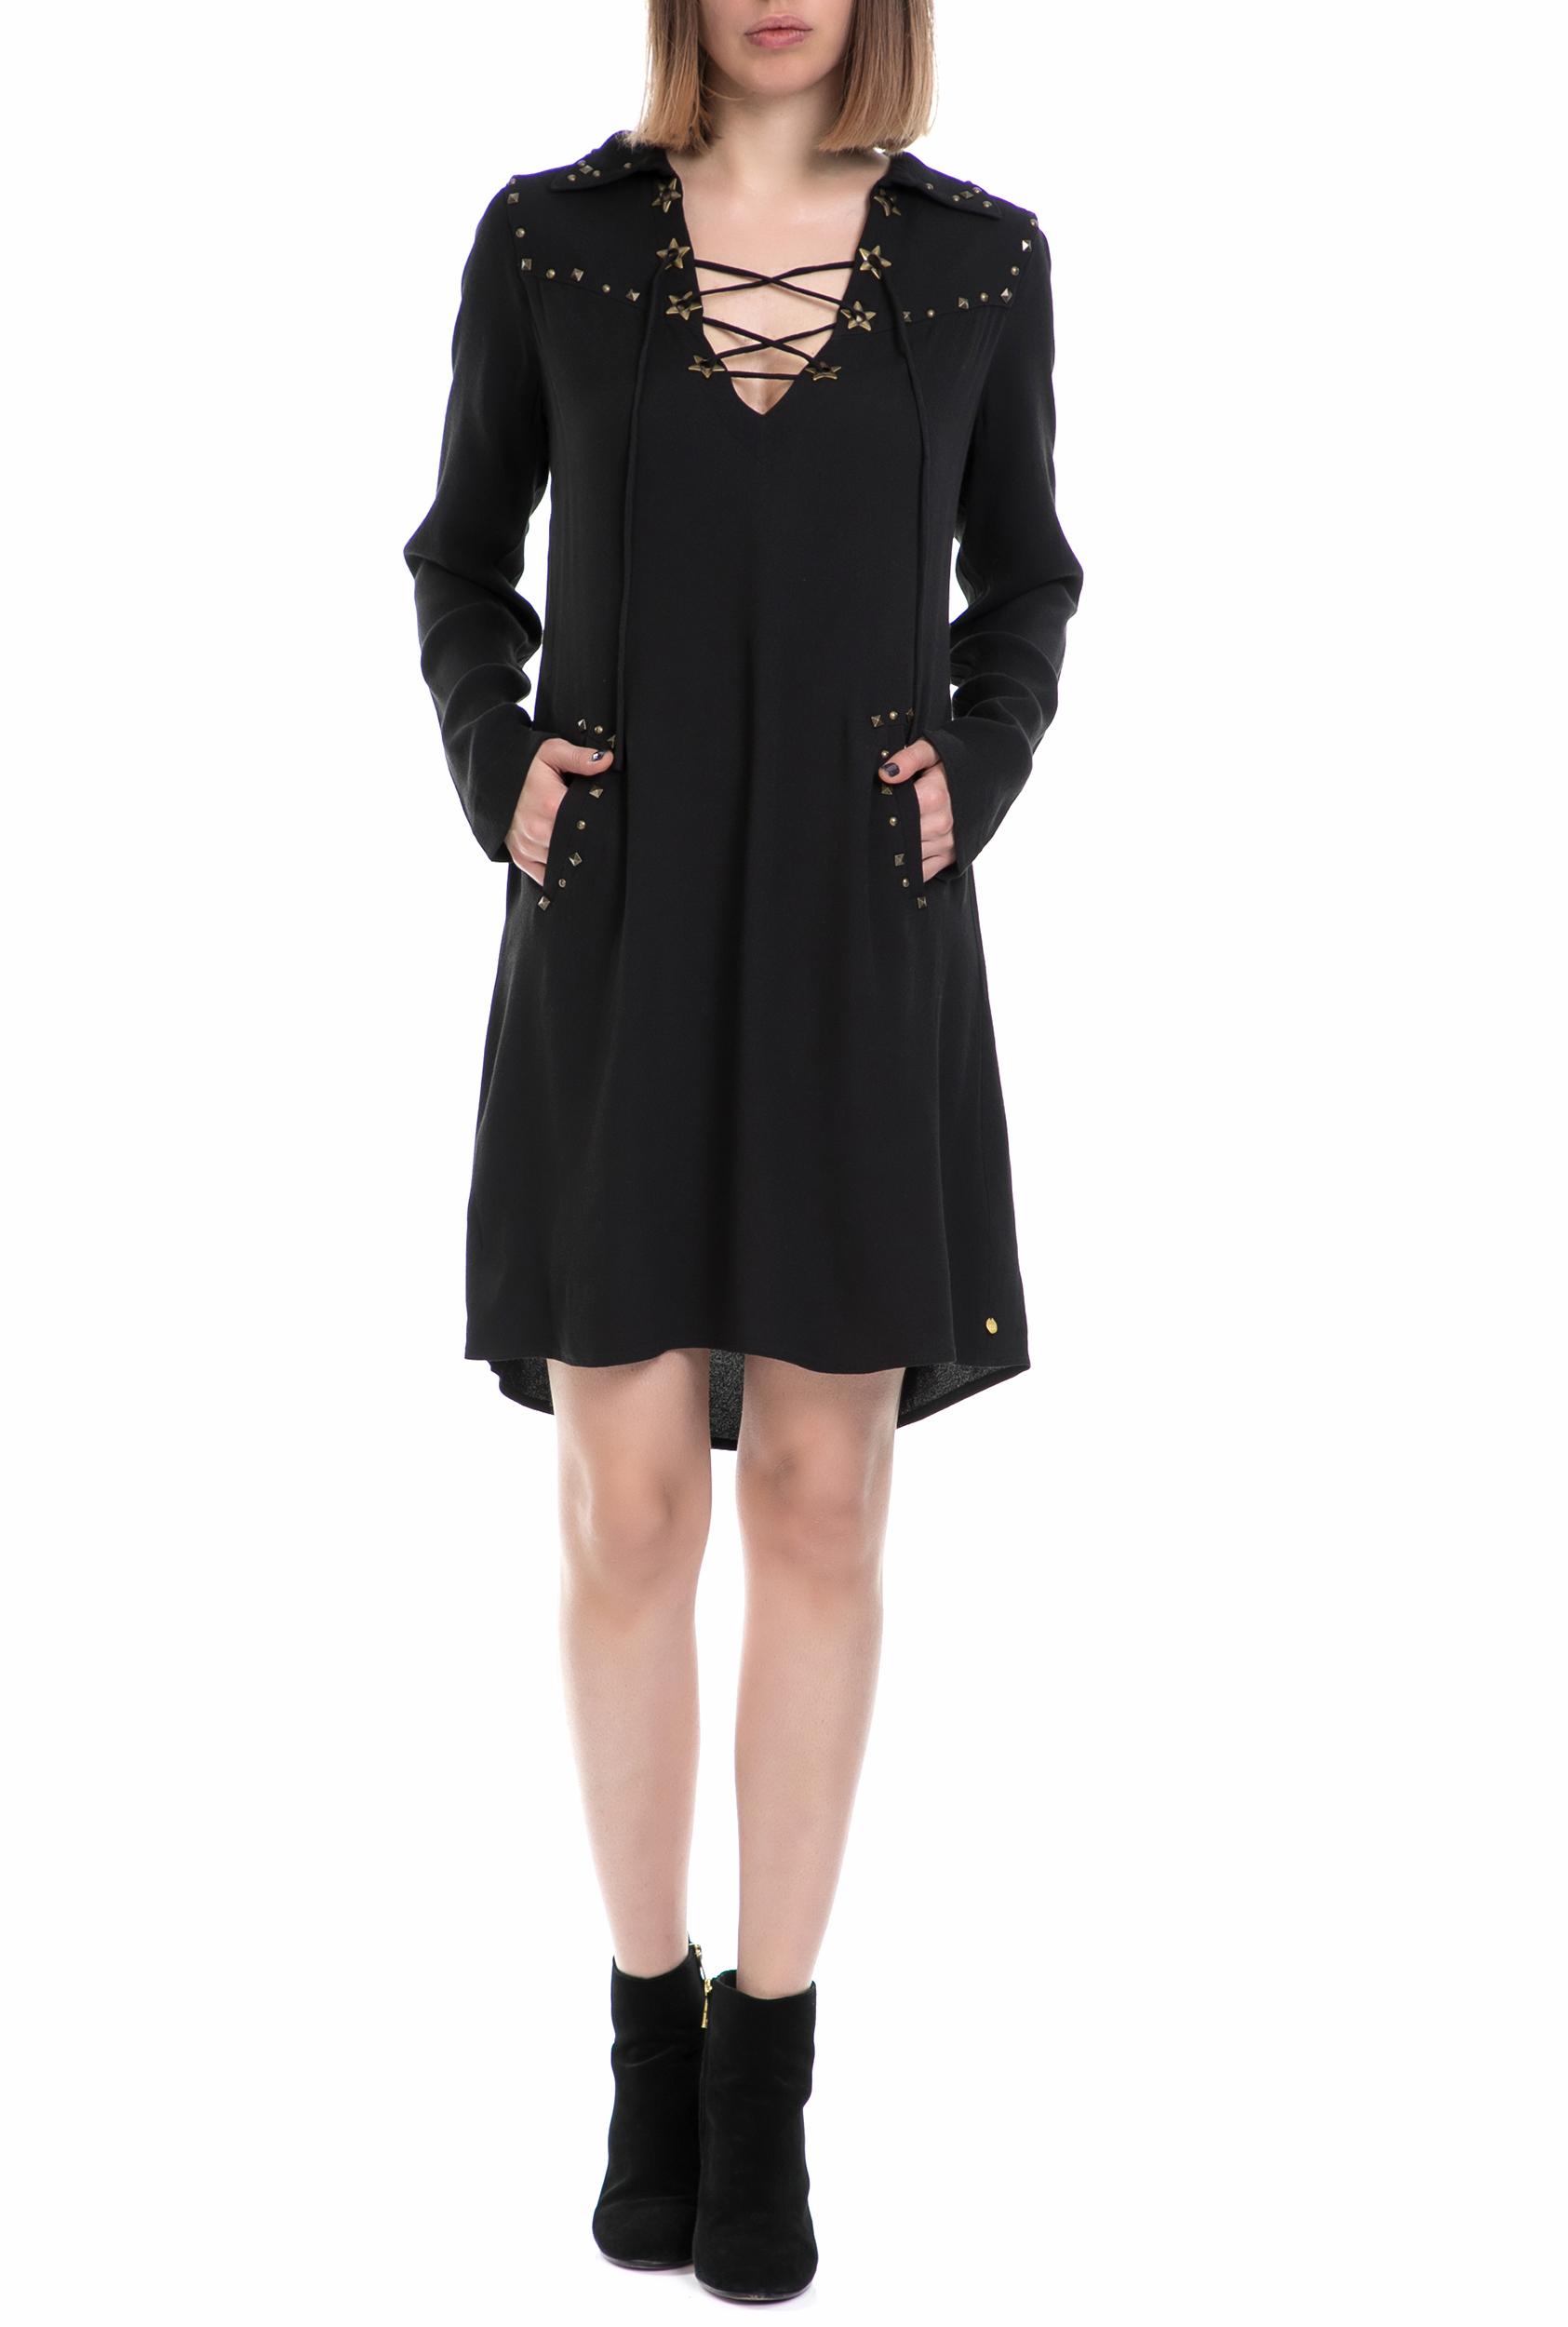 SCOTCH & SODA - Γυναικείο φόρεμα SCOTCH & SODA μαύρο γυναικεία ρούχα φορέματα μίνι